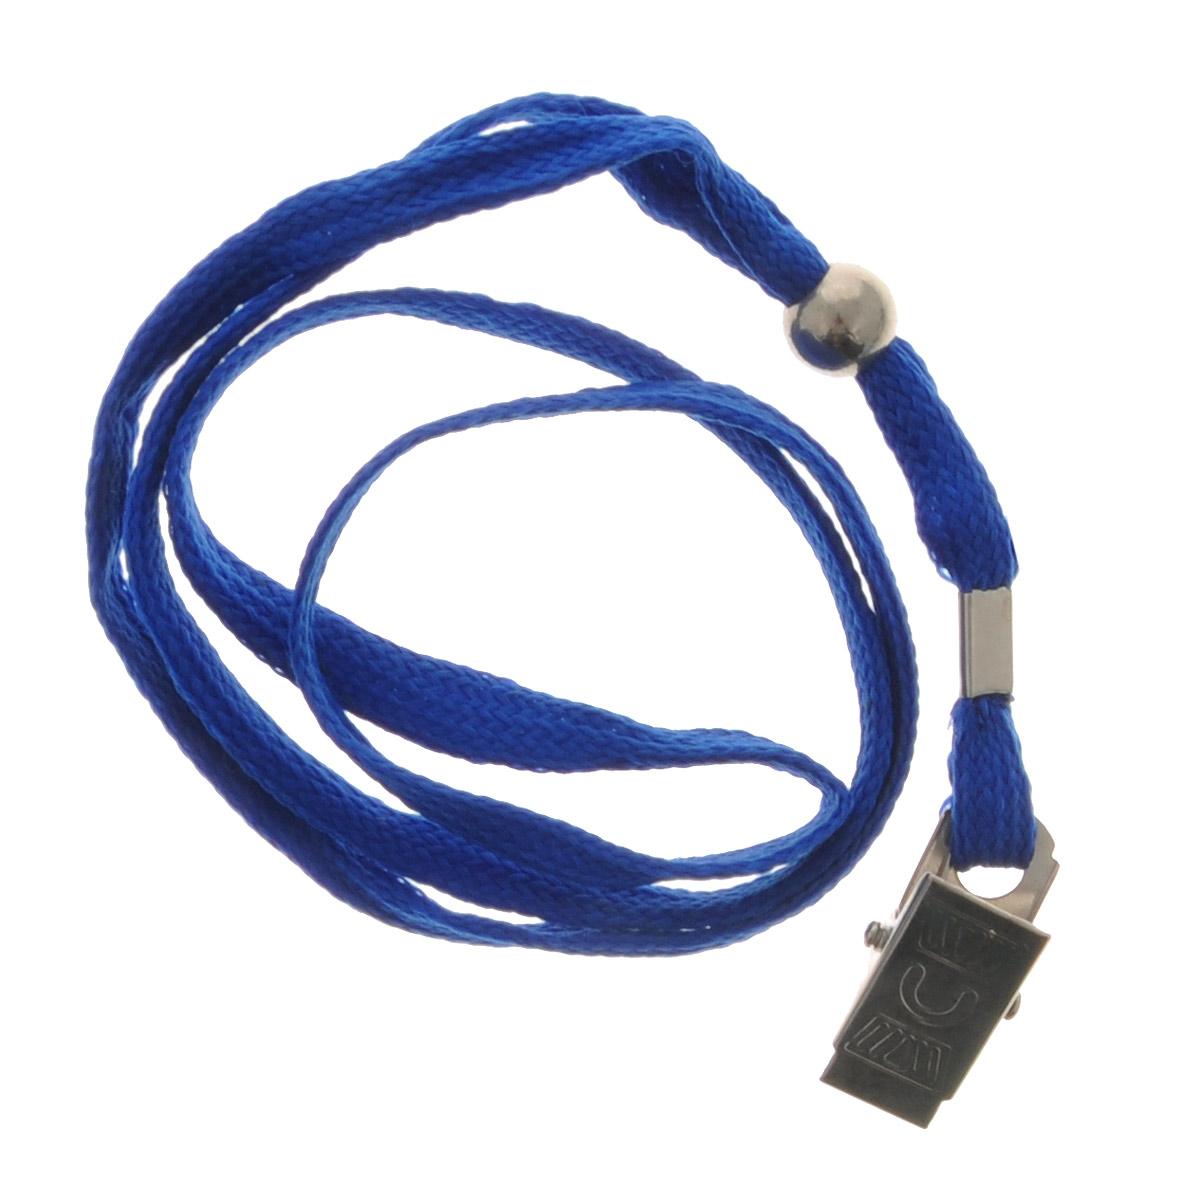 Шнурок с зажимом для бейджа Centrum, 50 шт82115ОШнурок с зажимом Centrum используется для удобного ношения бейджа.Он изготовлен из синтетических волокон, имеющих плетеную фактуру. Шнурок может быть использован в качестве элемента корпоративного стиля, особенно в сочетании с бейджем такого же цвета. С помощью металлического фиксатора вы сможете регулировать длину шнурка. Шнур имеет металлическую клипсу, подходящую для бейджей всех типов, имеющих отверстие для ее крепления.В комплект входят 50 шнурков.